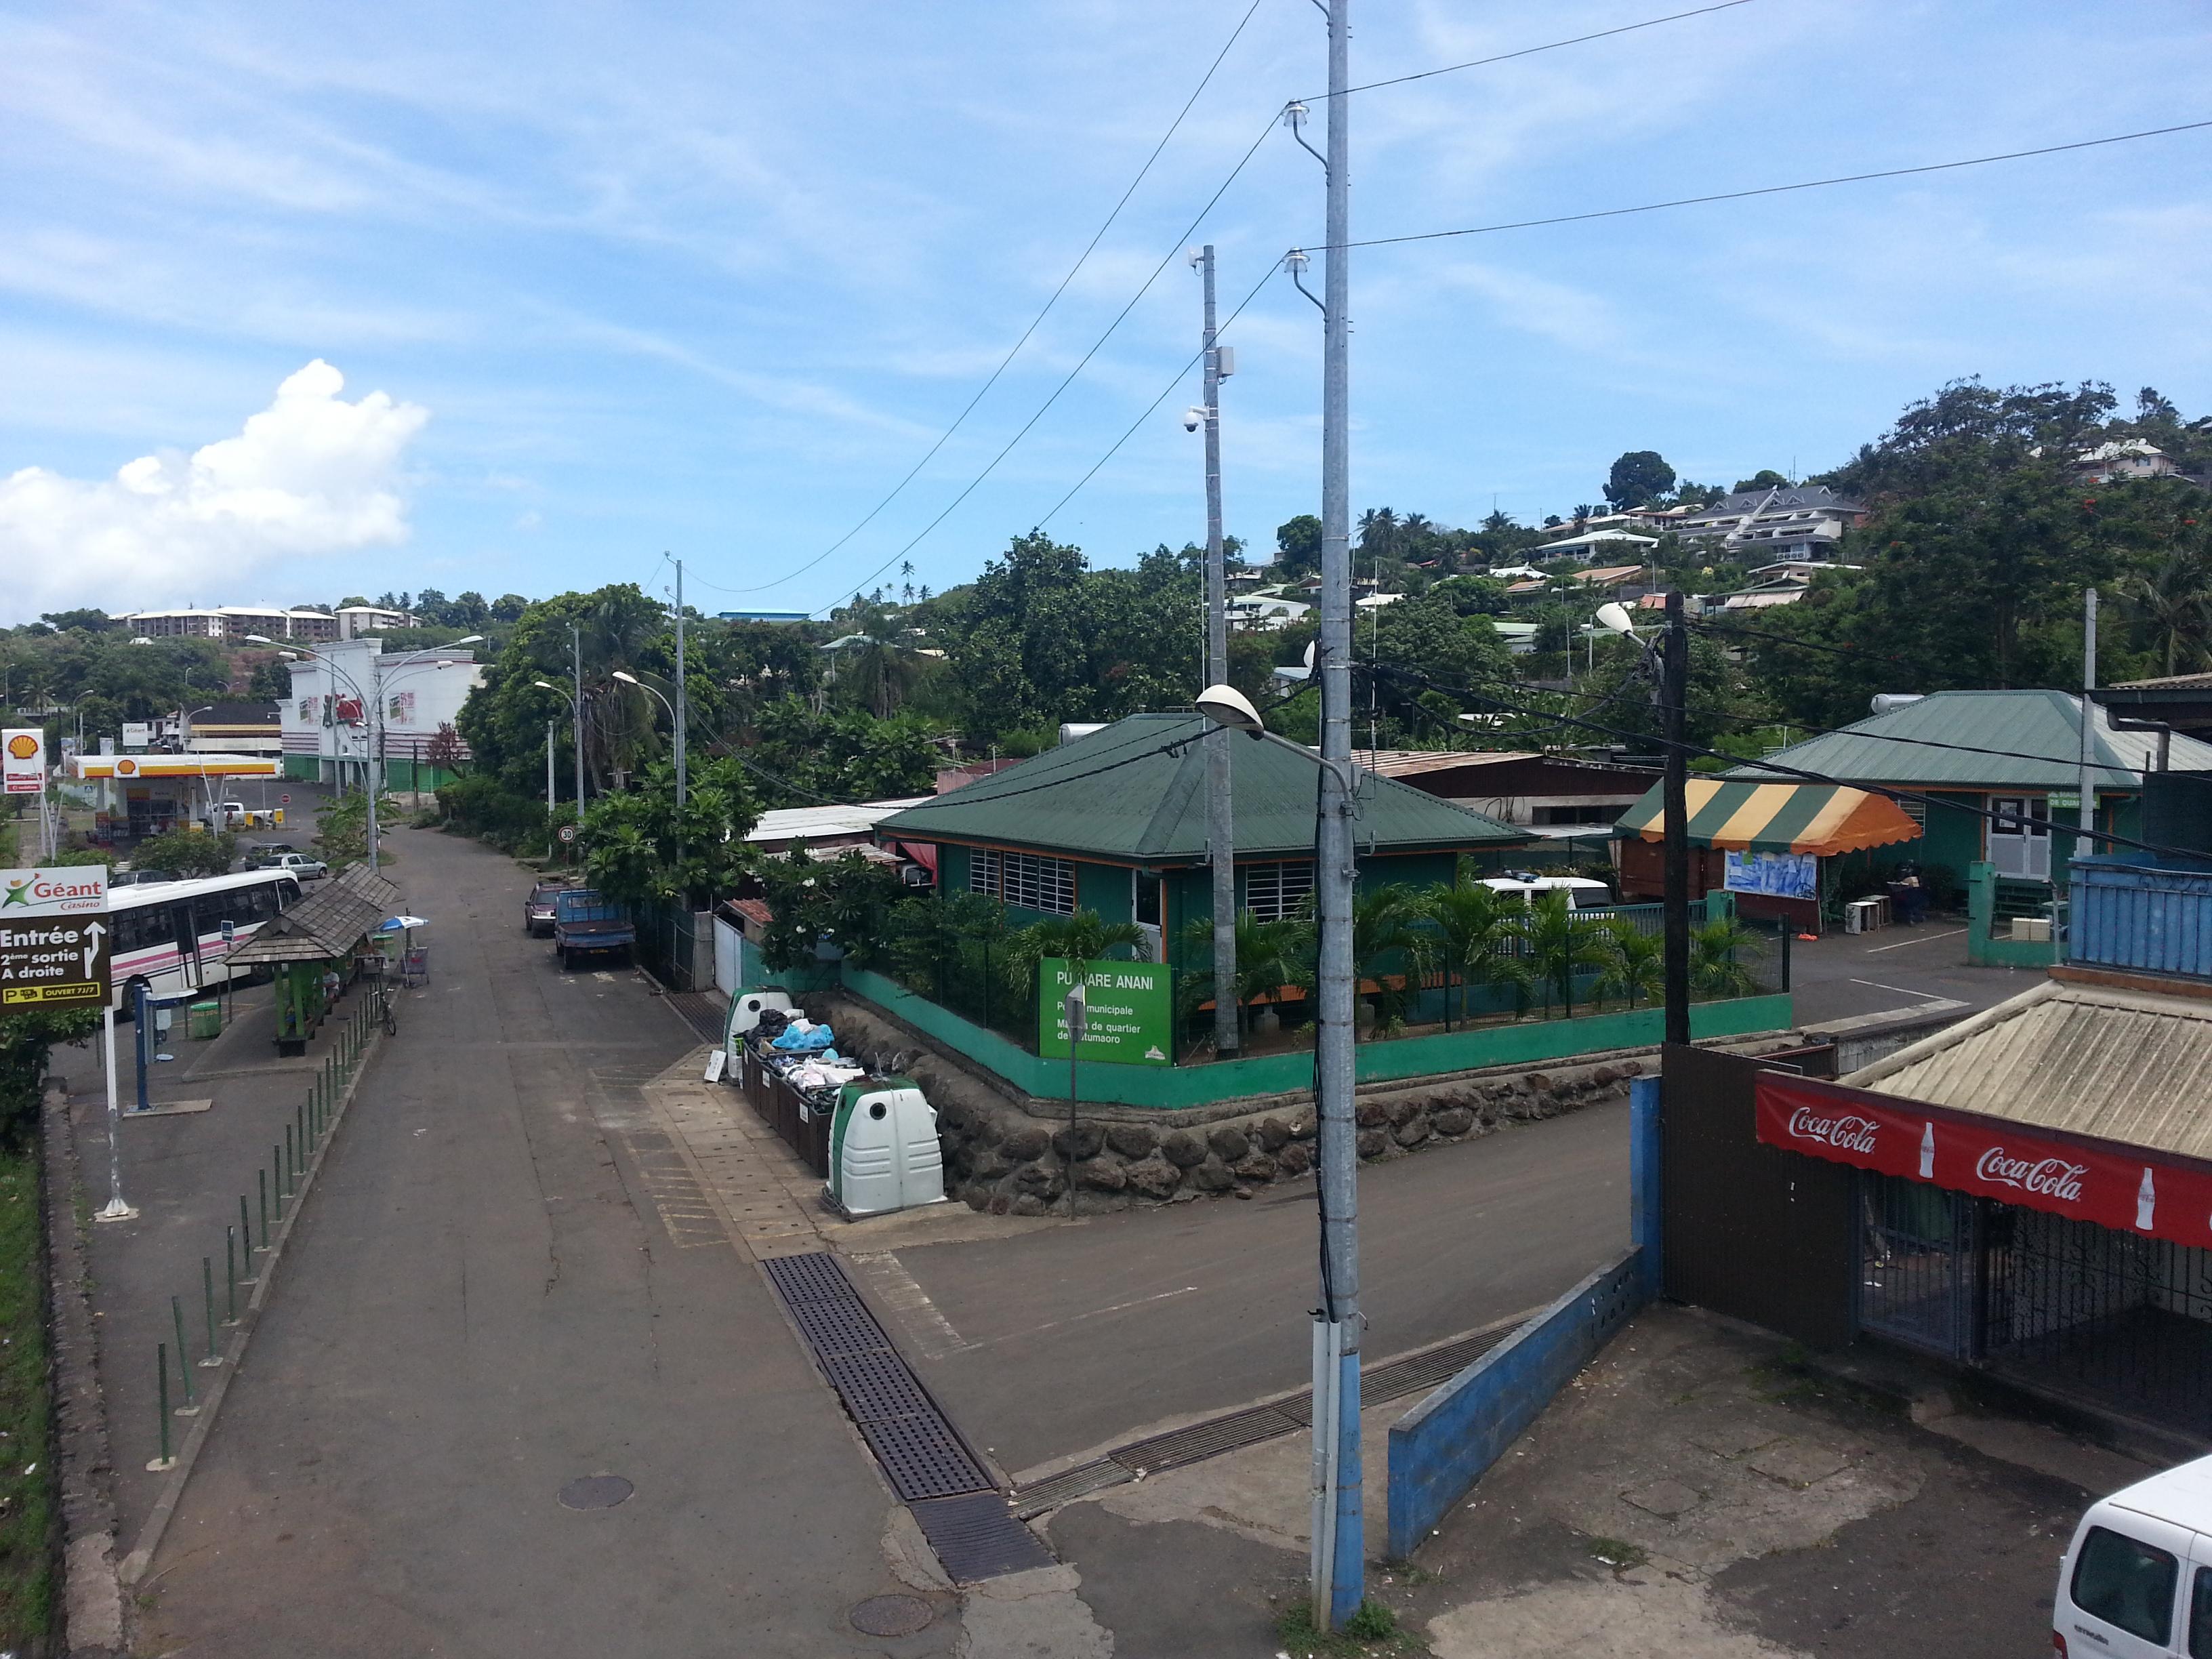 Le drame s'est produit mercredi matin dans le quartier de la station de Outumoro à Punaauia.